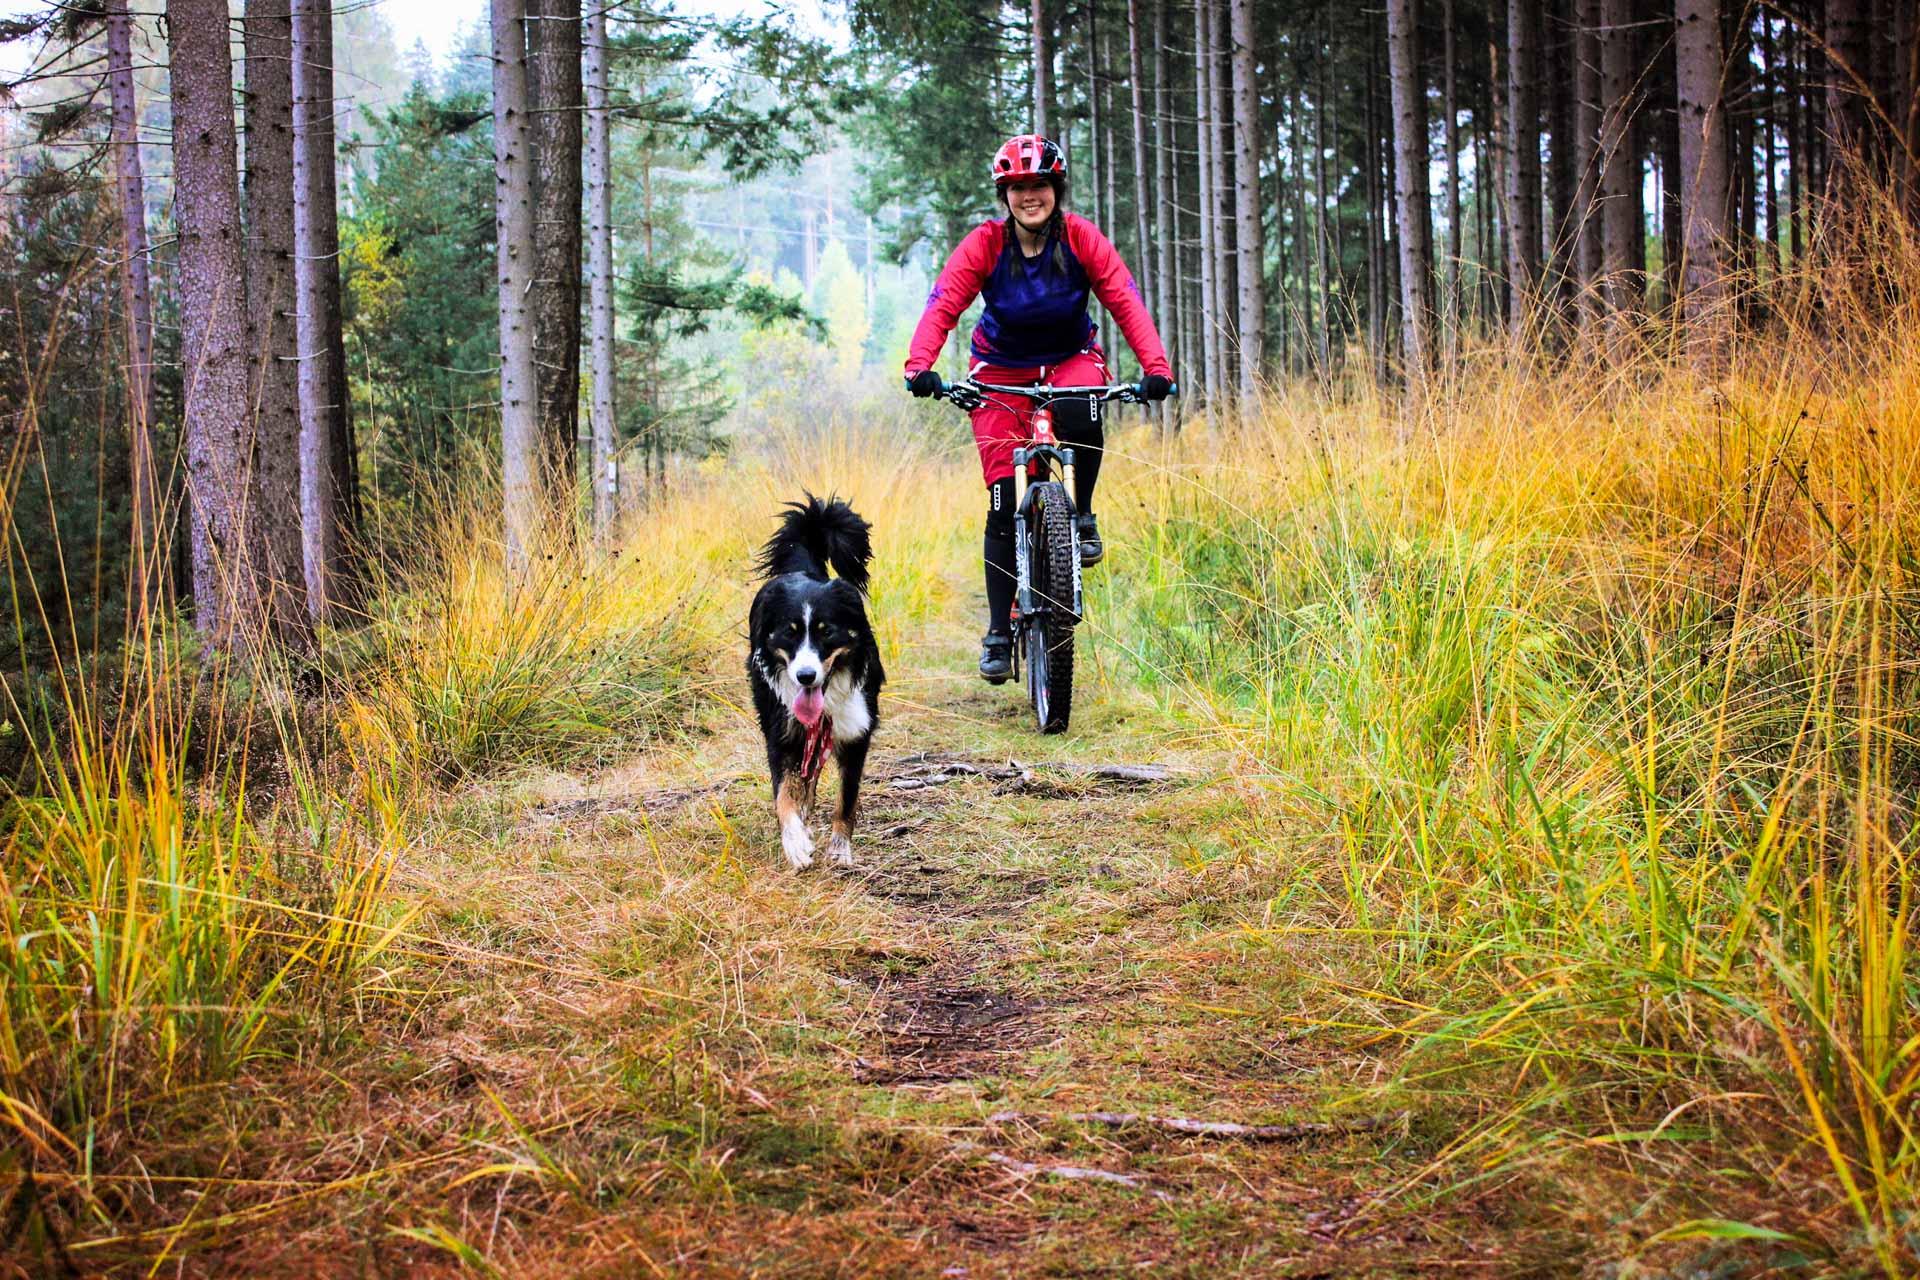 Nichts ist schöner als die Freude an einer gelungenen Ausfahrt mit seinem Hund zu teilen. Doch es gibt zum Thema Traildogs eine Menge zu beachten. Aber keine Angst, wir klären dich auf!